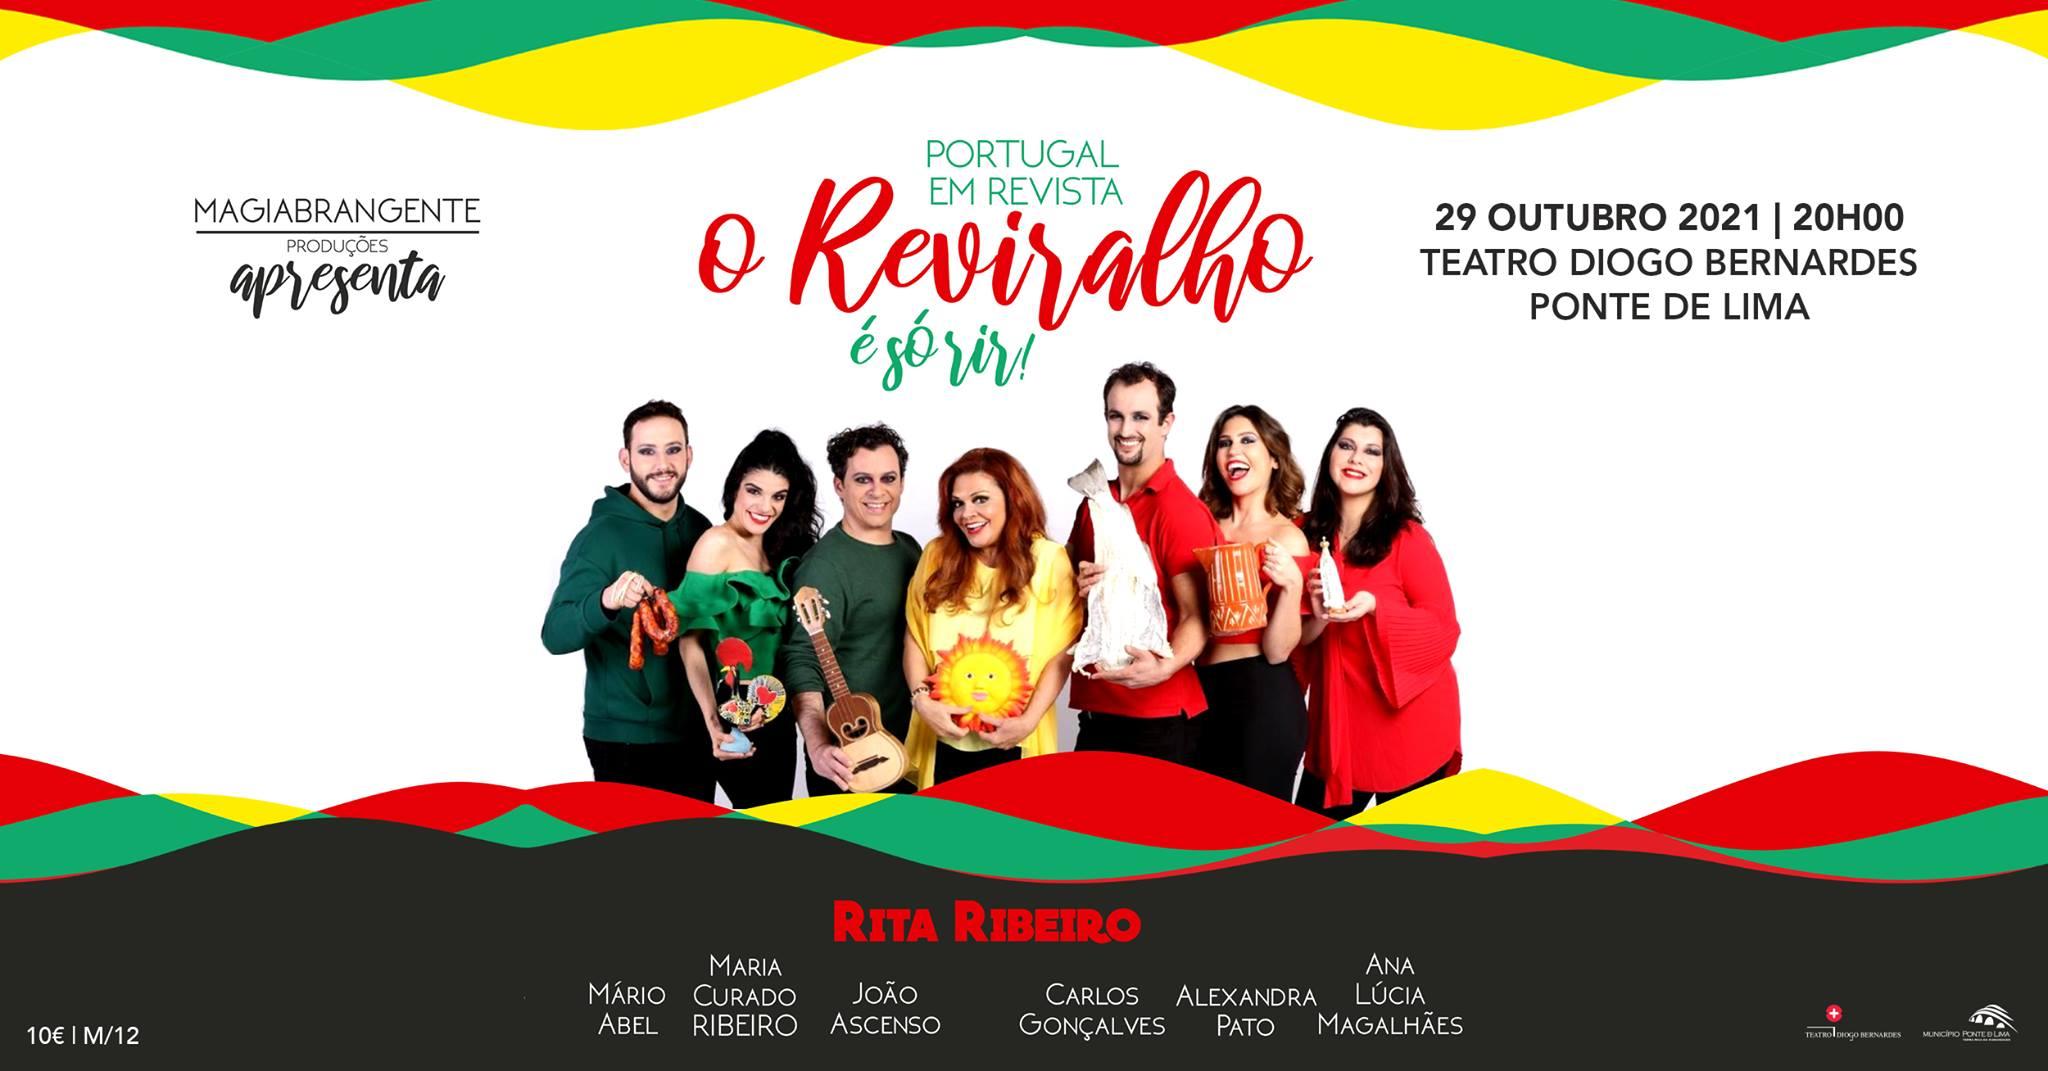 O Reviralho, Portugal em Revista é só rir! - Teatro Diogo Bernardes | Ponte de Lima